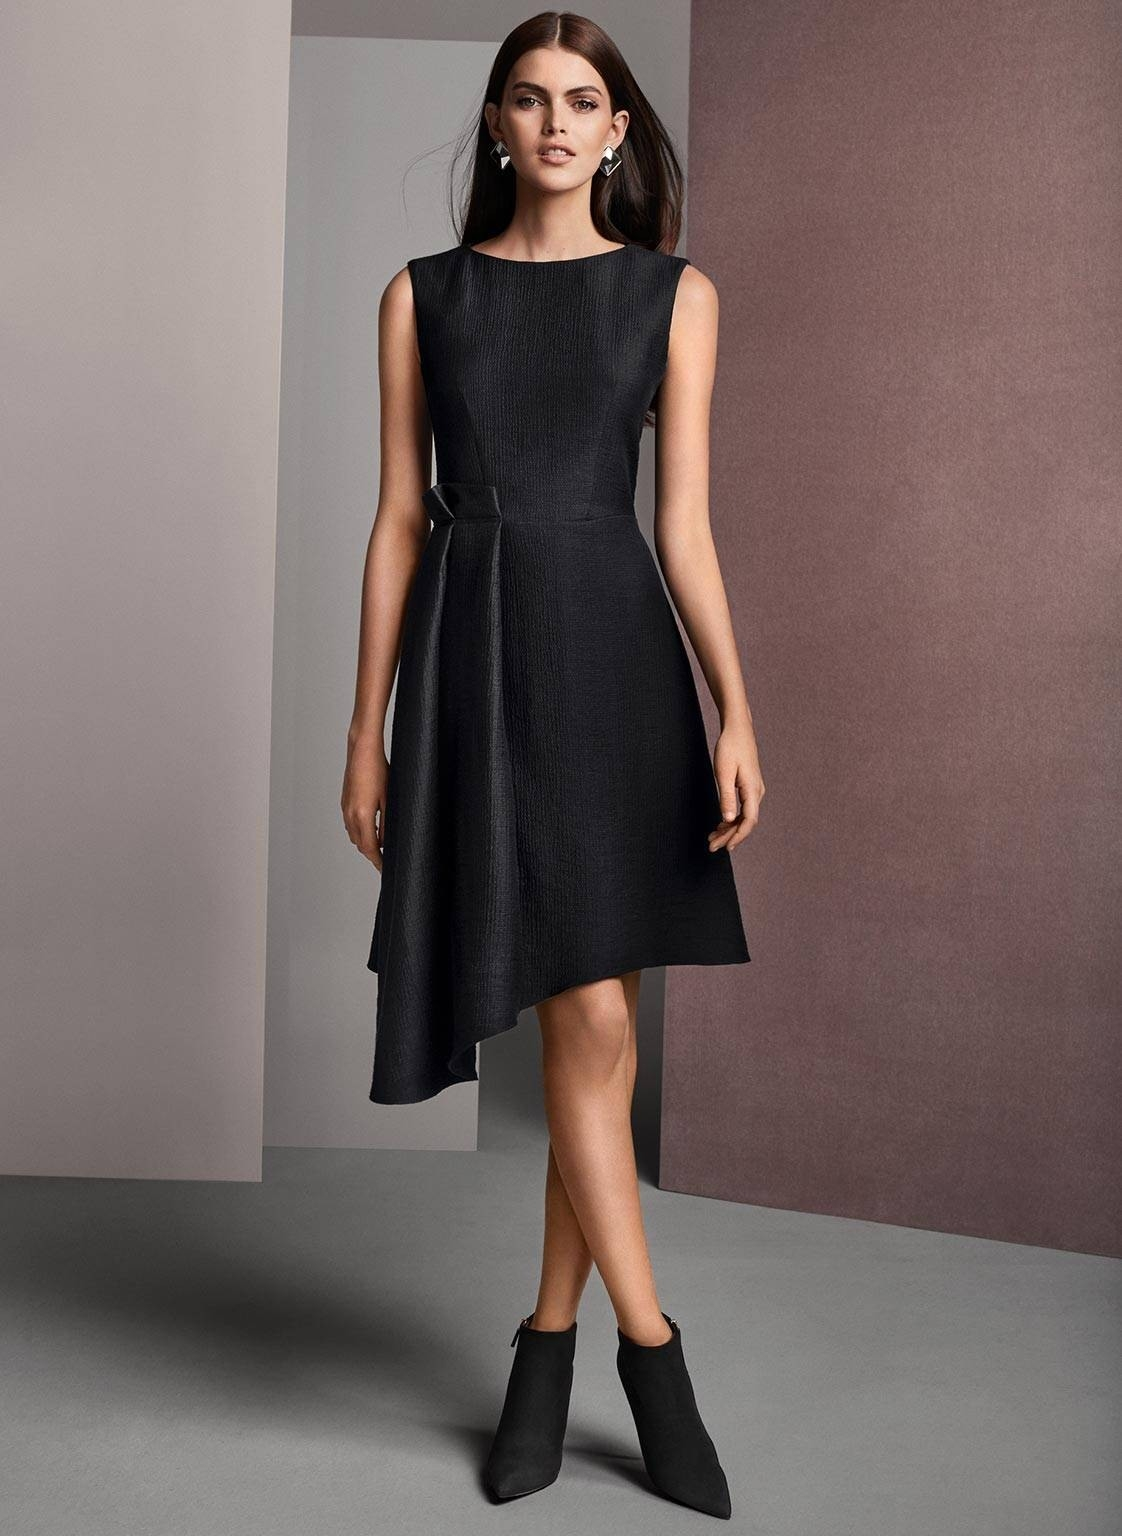 Coolste Schwarzes Kleid Knielang Vertrieb15 Wunderbar Schwarzes Kleid Knielang für 2019